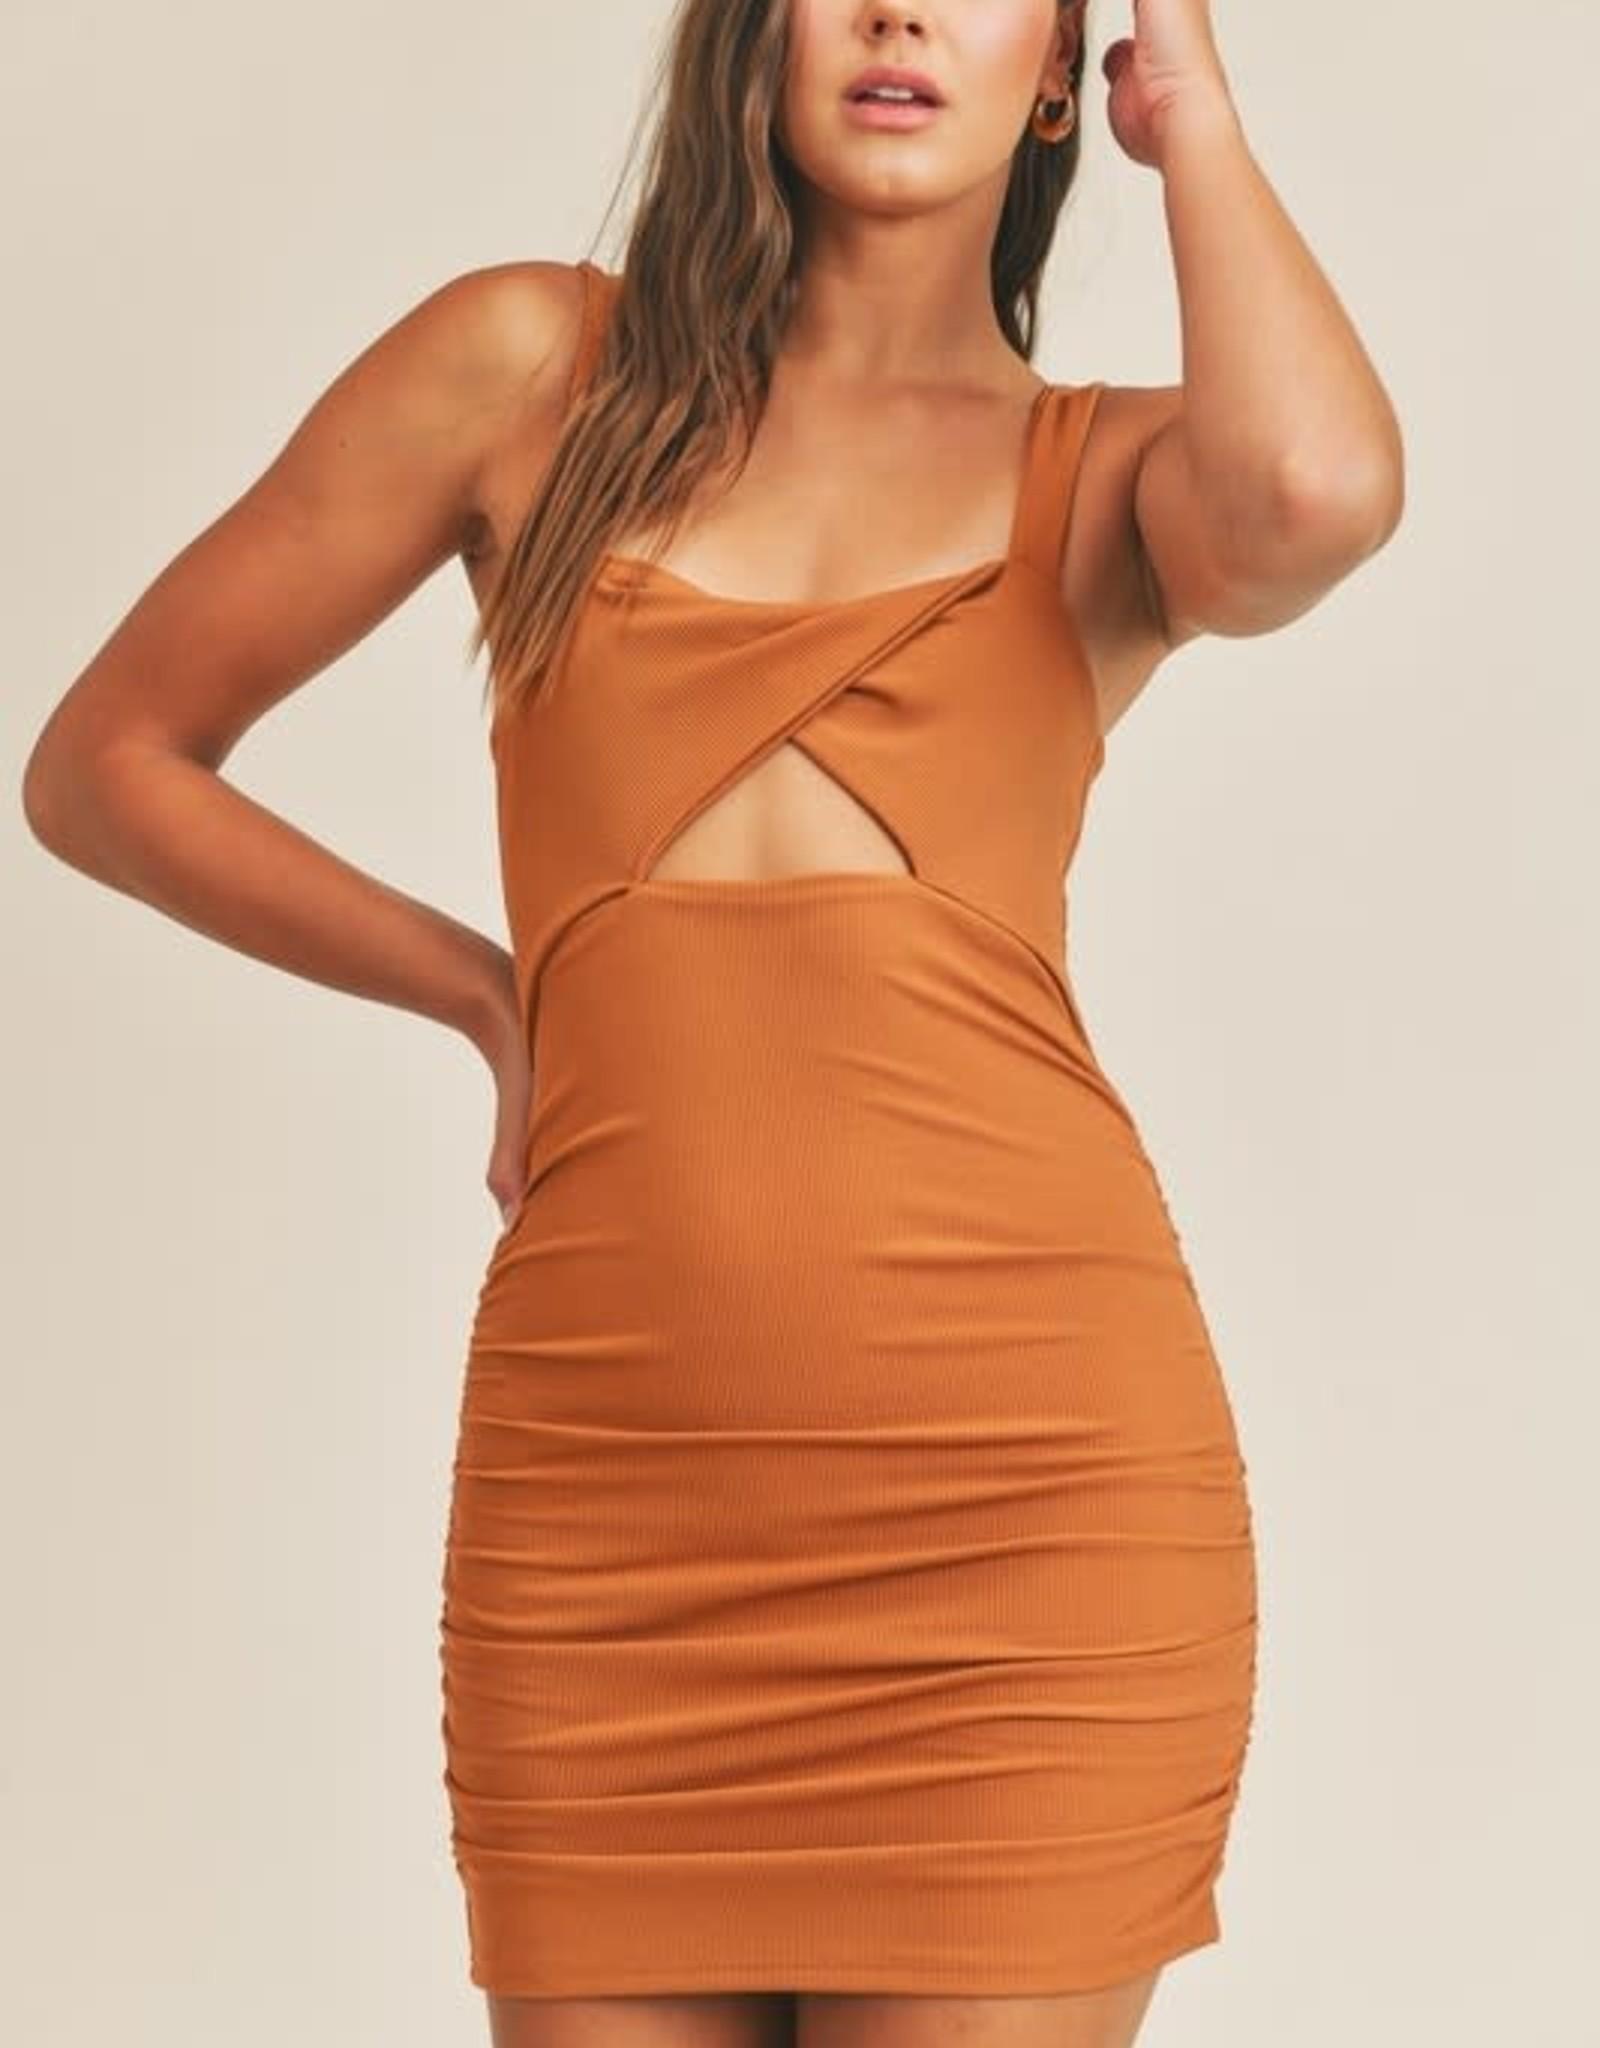 Weekend Wonder Dress